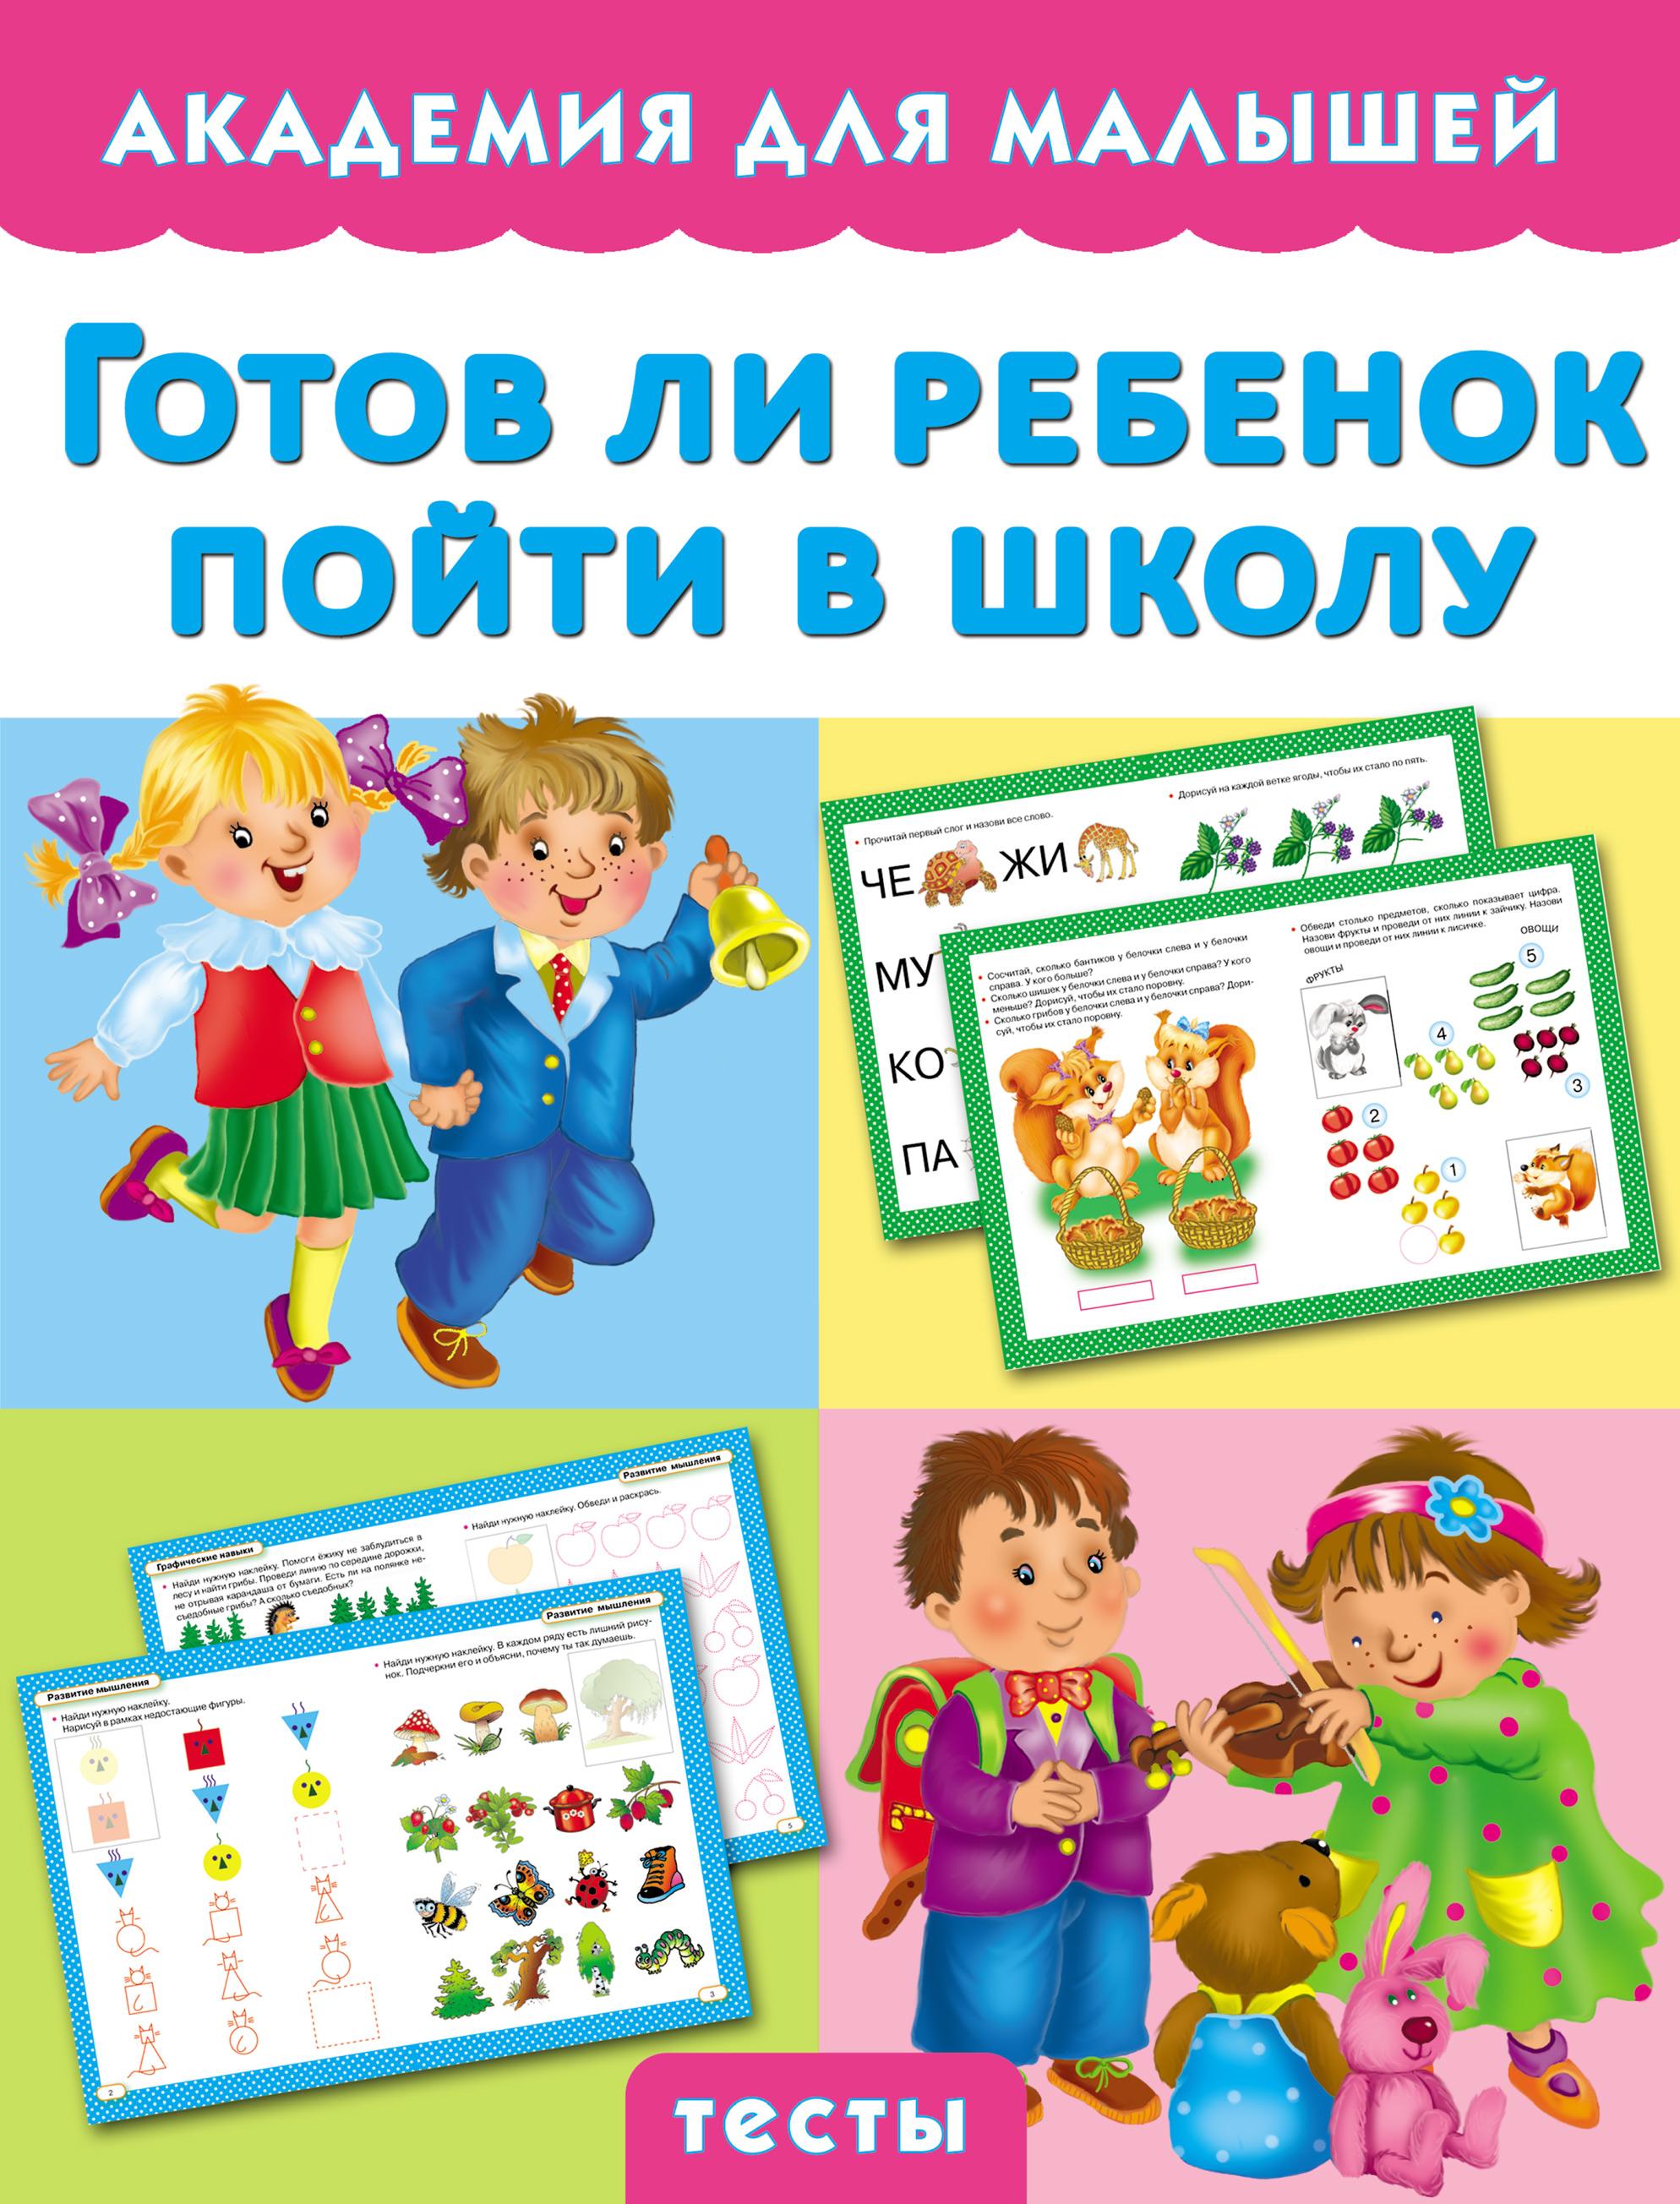 Мария Малышкина Готов ли ребенок пойти в школу цена